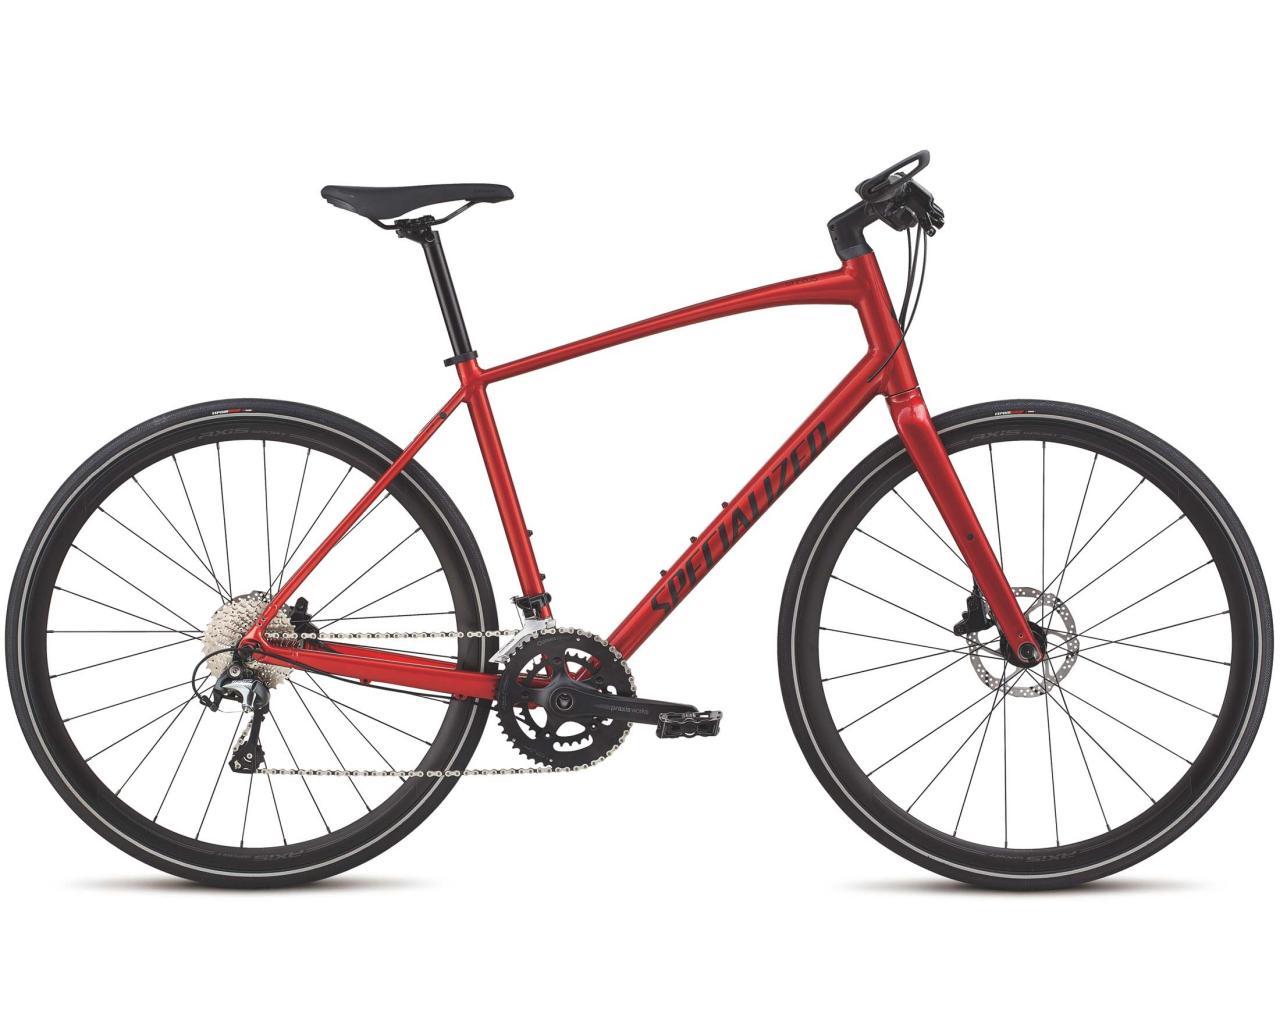 Specialized Sirrus Elite INT - Fitness Bike in Größe M mit Shimano Tiagra / Microshift Centos Schaltung